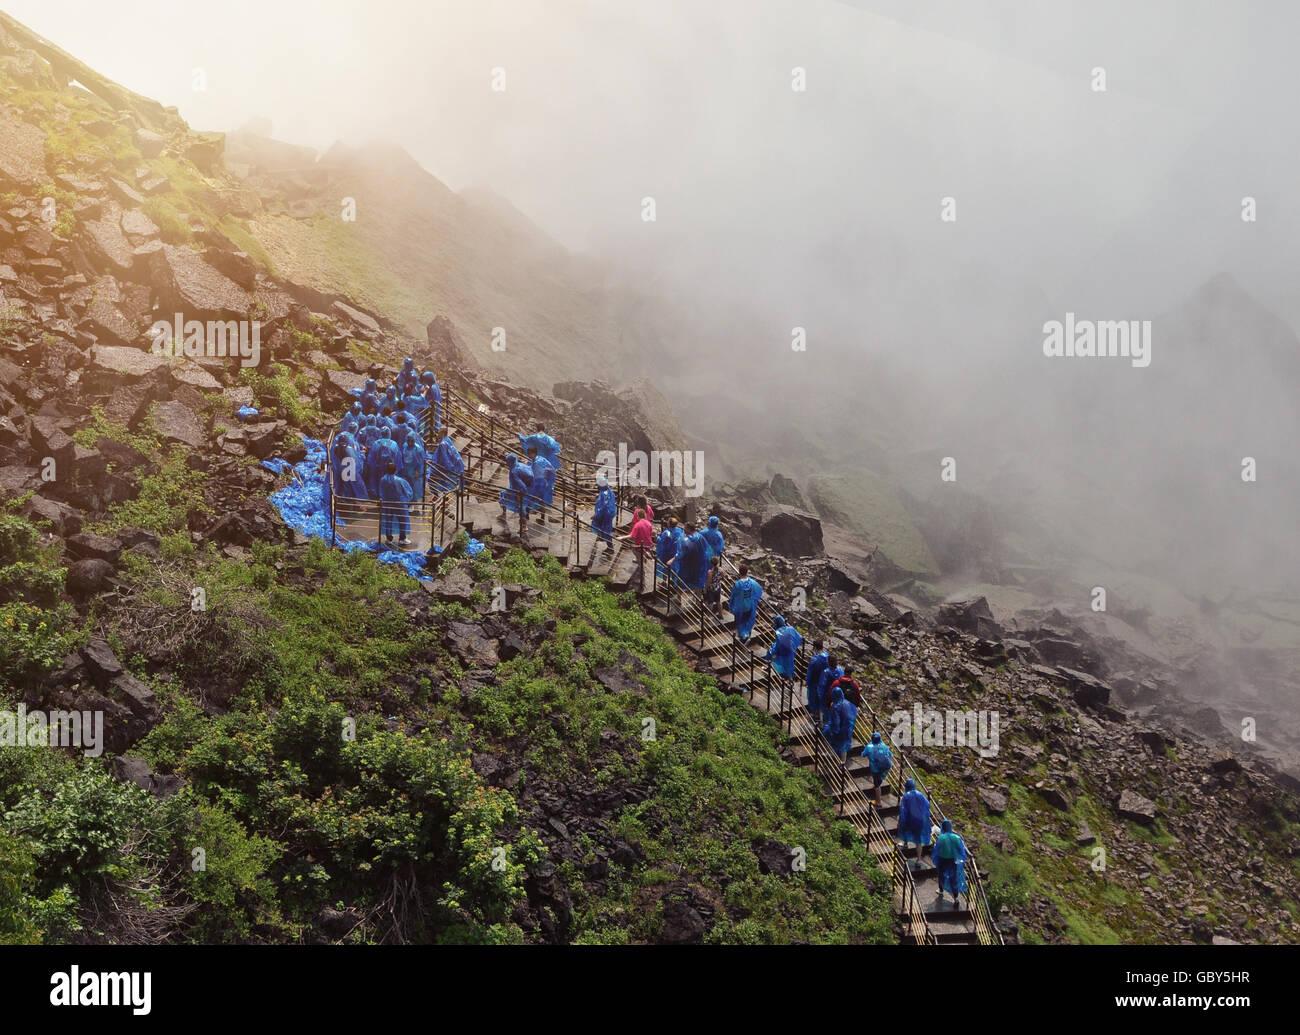 Touristen gehen eine Treppe zu den Niagarafällen mit nassen Wasser Nebel und blau Regenmäntel für Stockbild